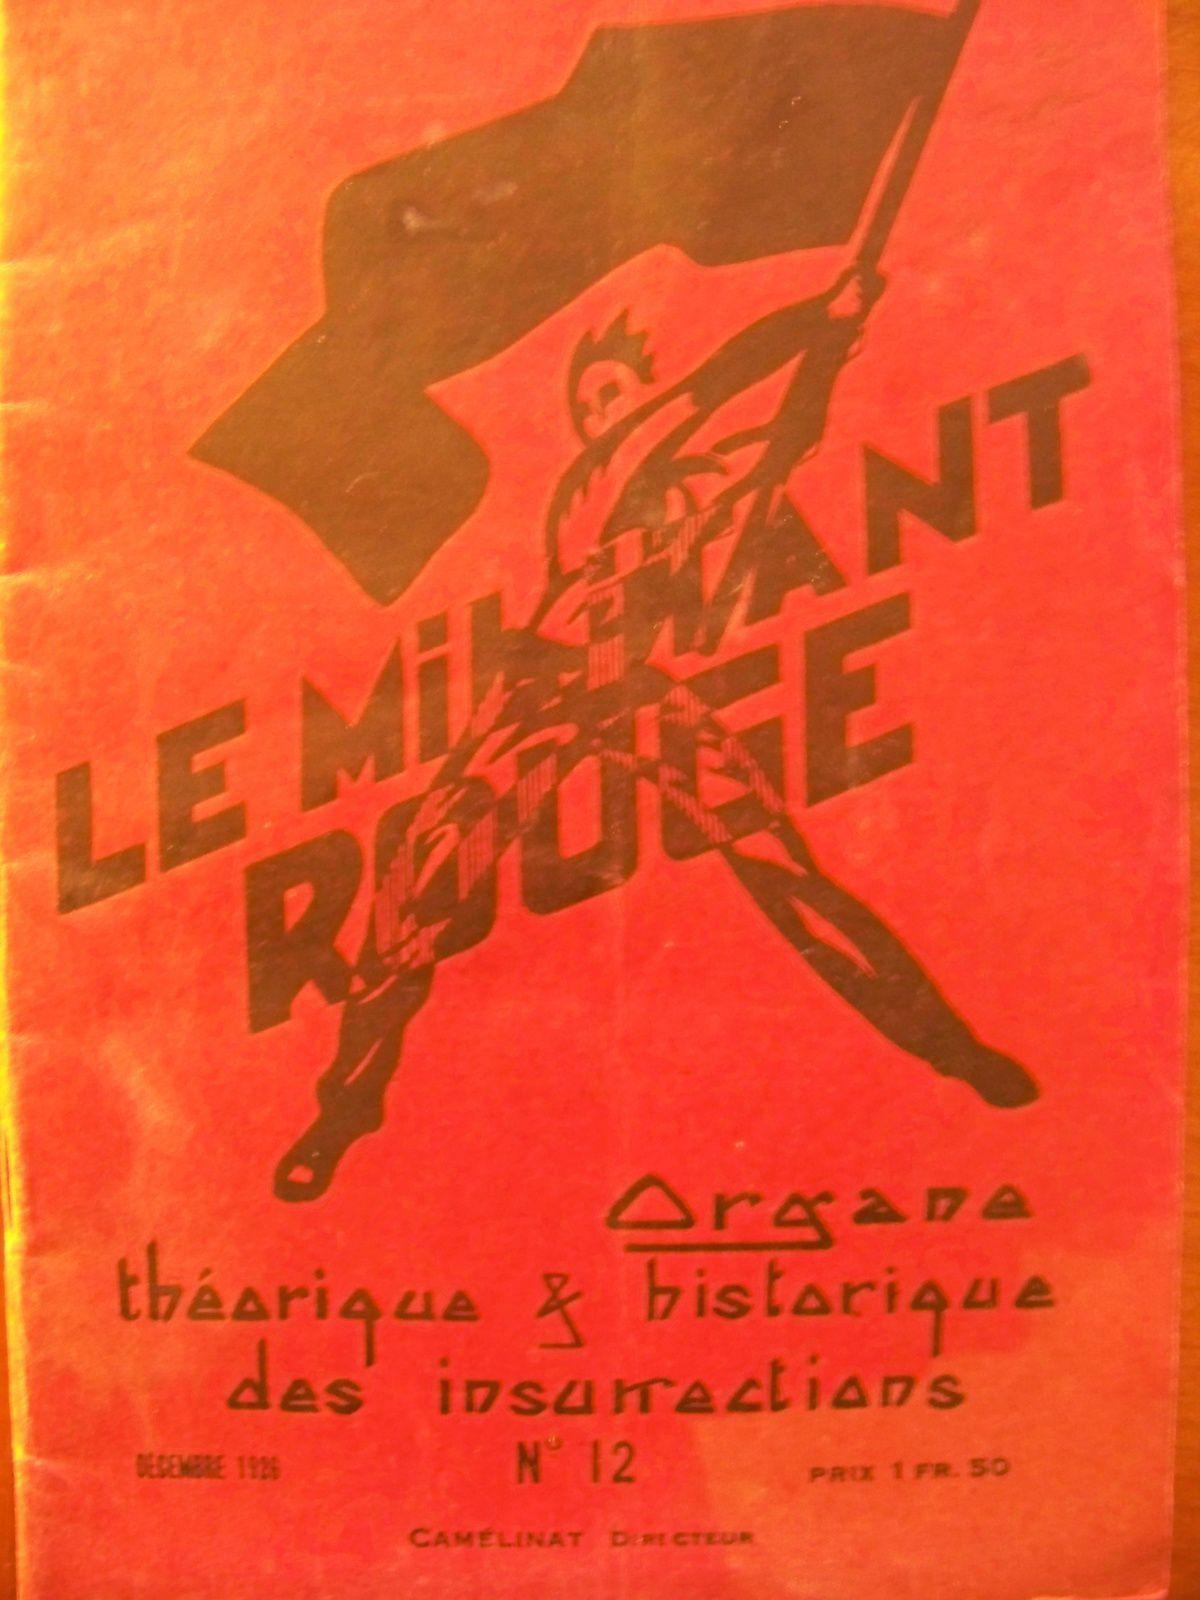 Une revue insurrectionnelle, le Militant rouge.